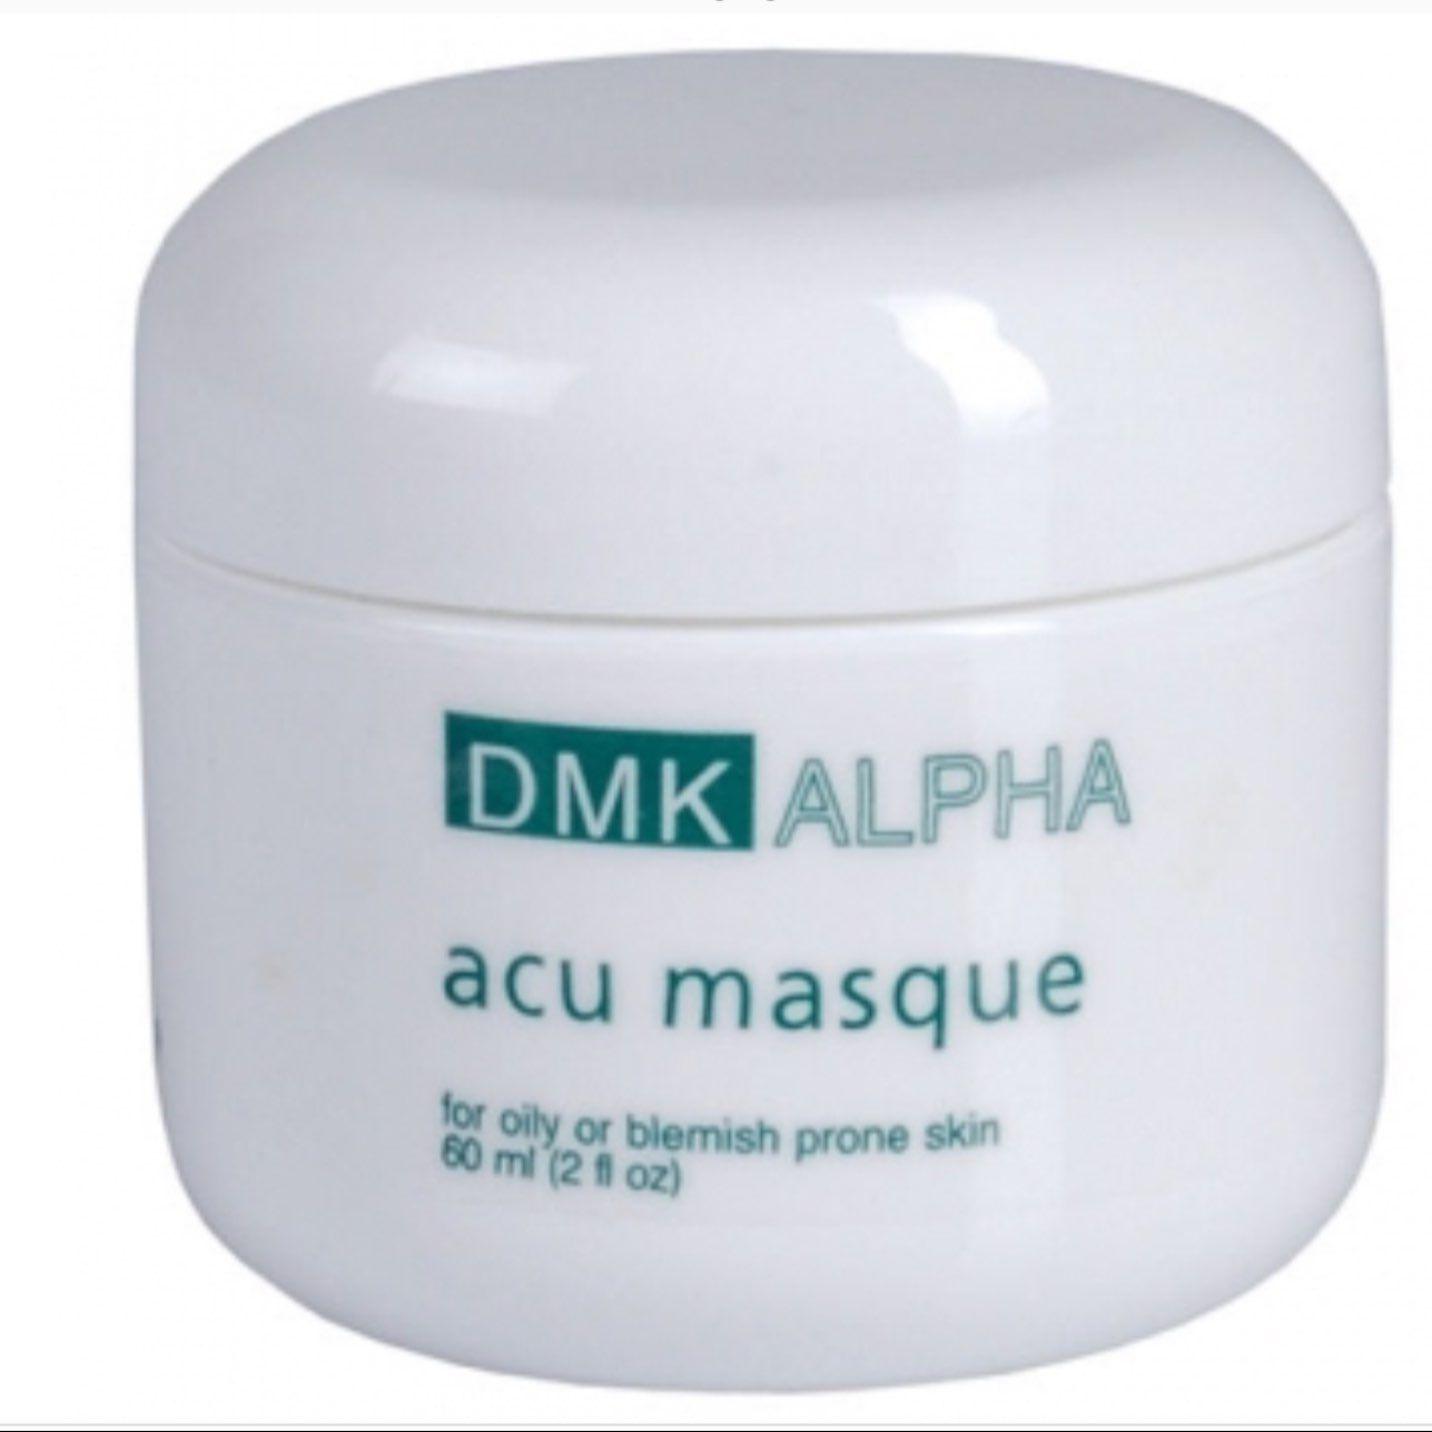 Dmk косметика официальный сайт купить косметика коррес купить москва